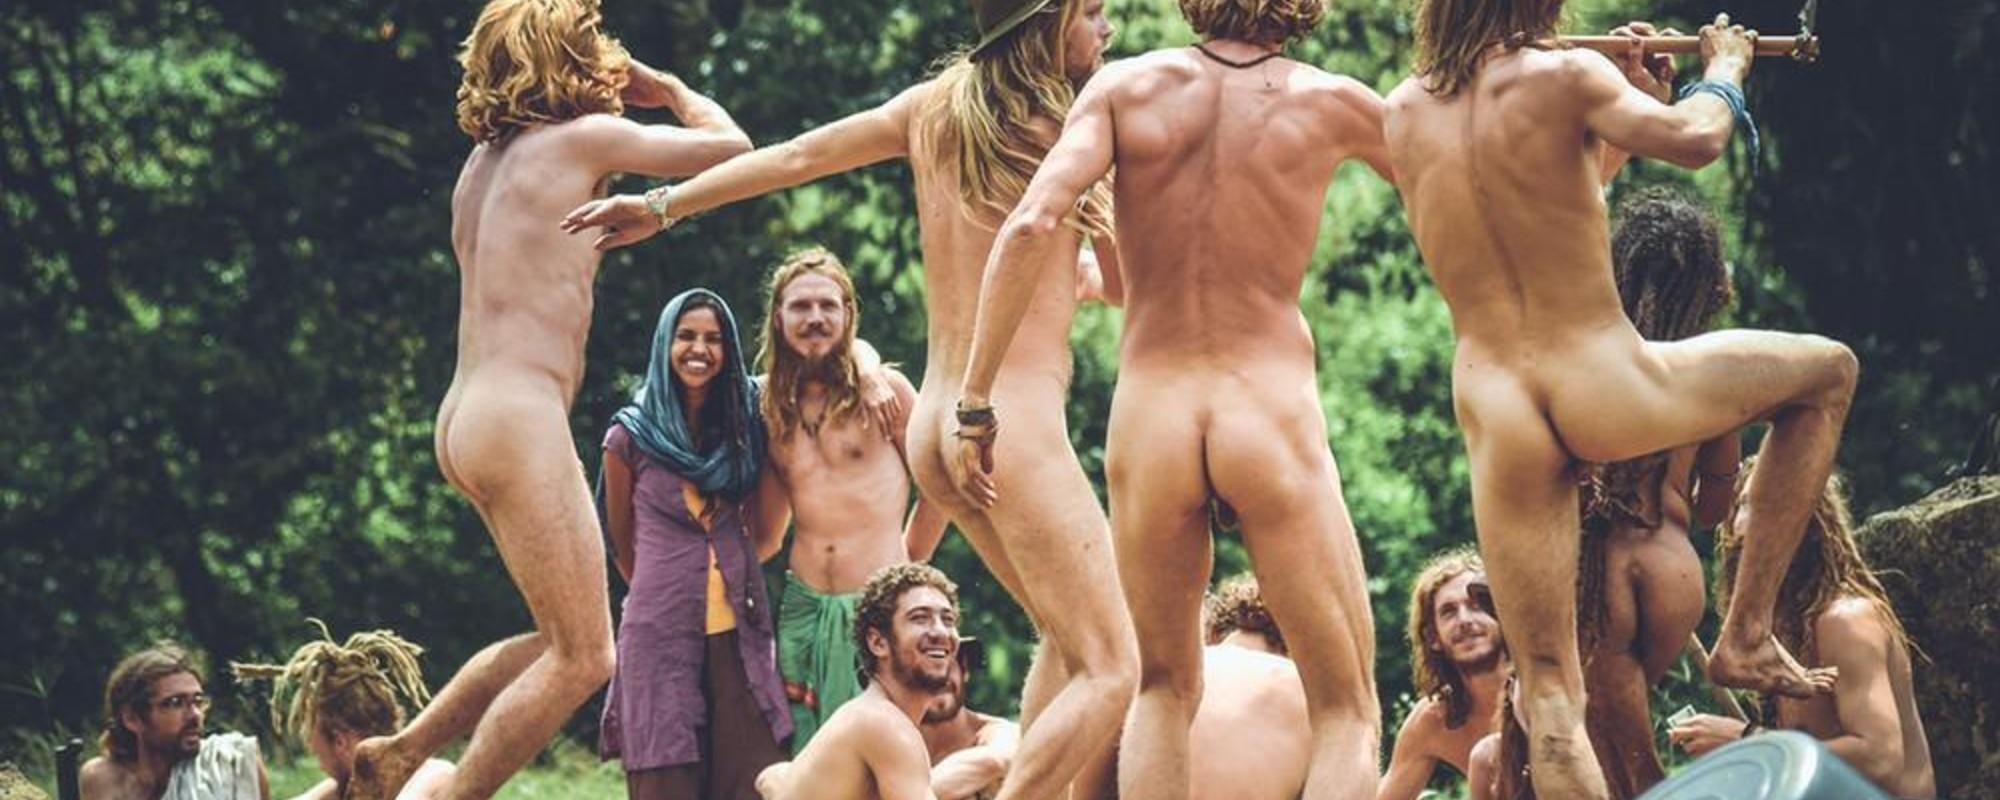 Hintern, Liebe und Trommelkreise: Postkarten aus einem modernen Hippie-Paradies